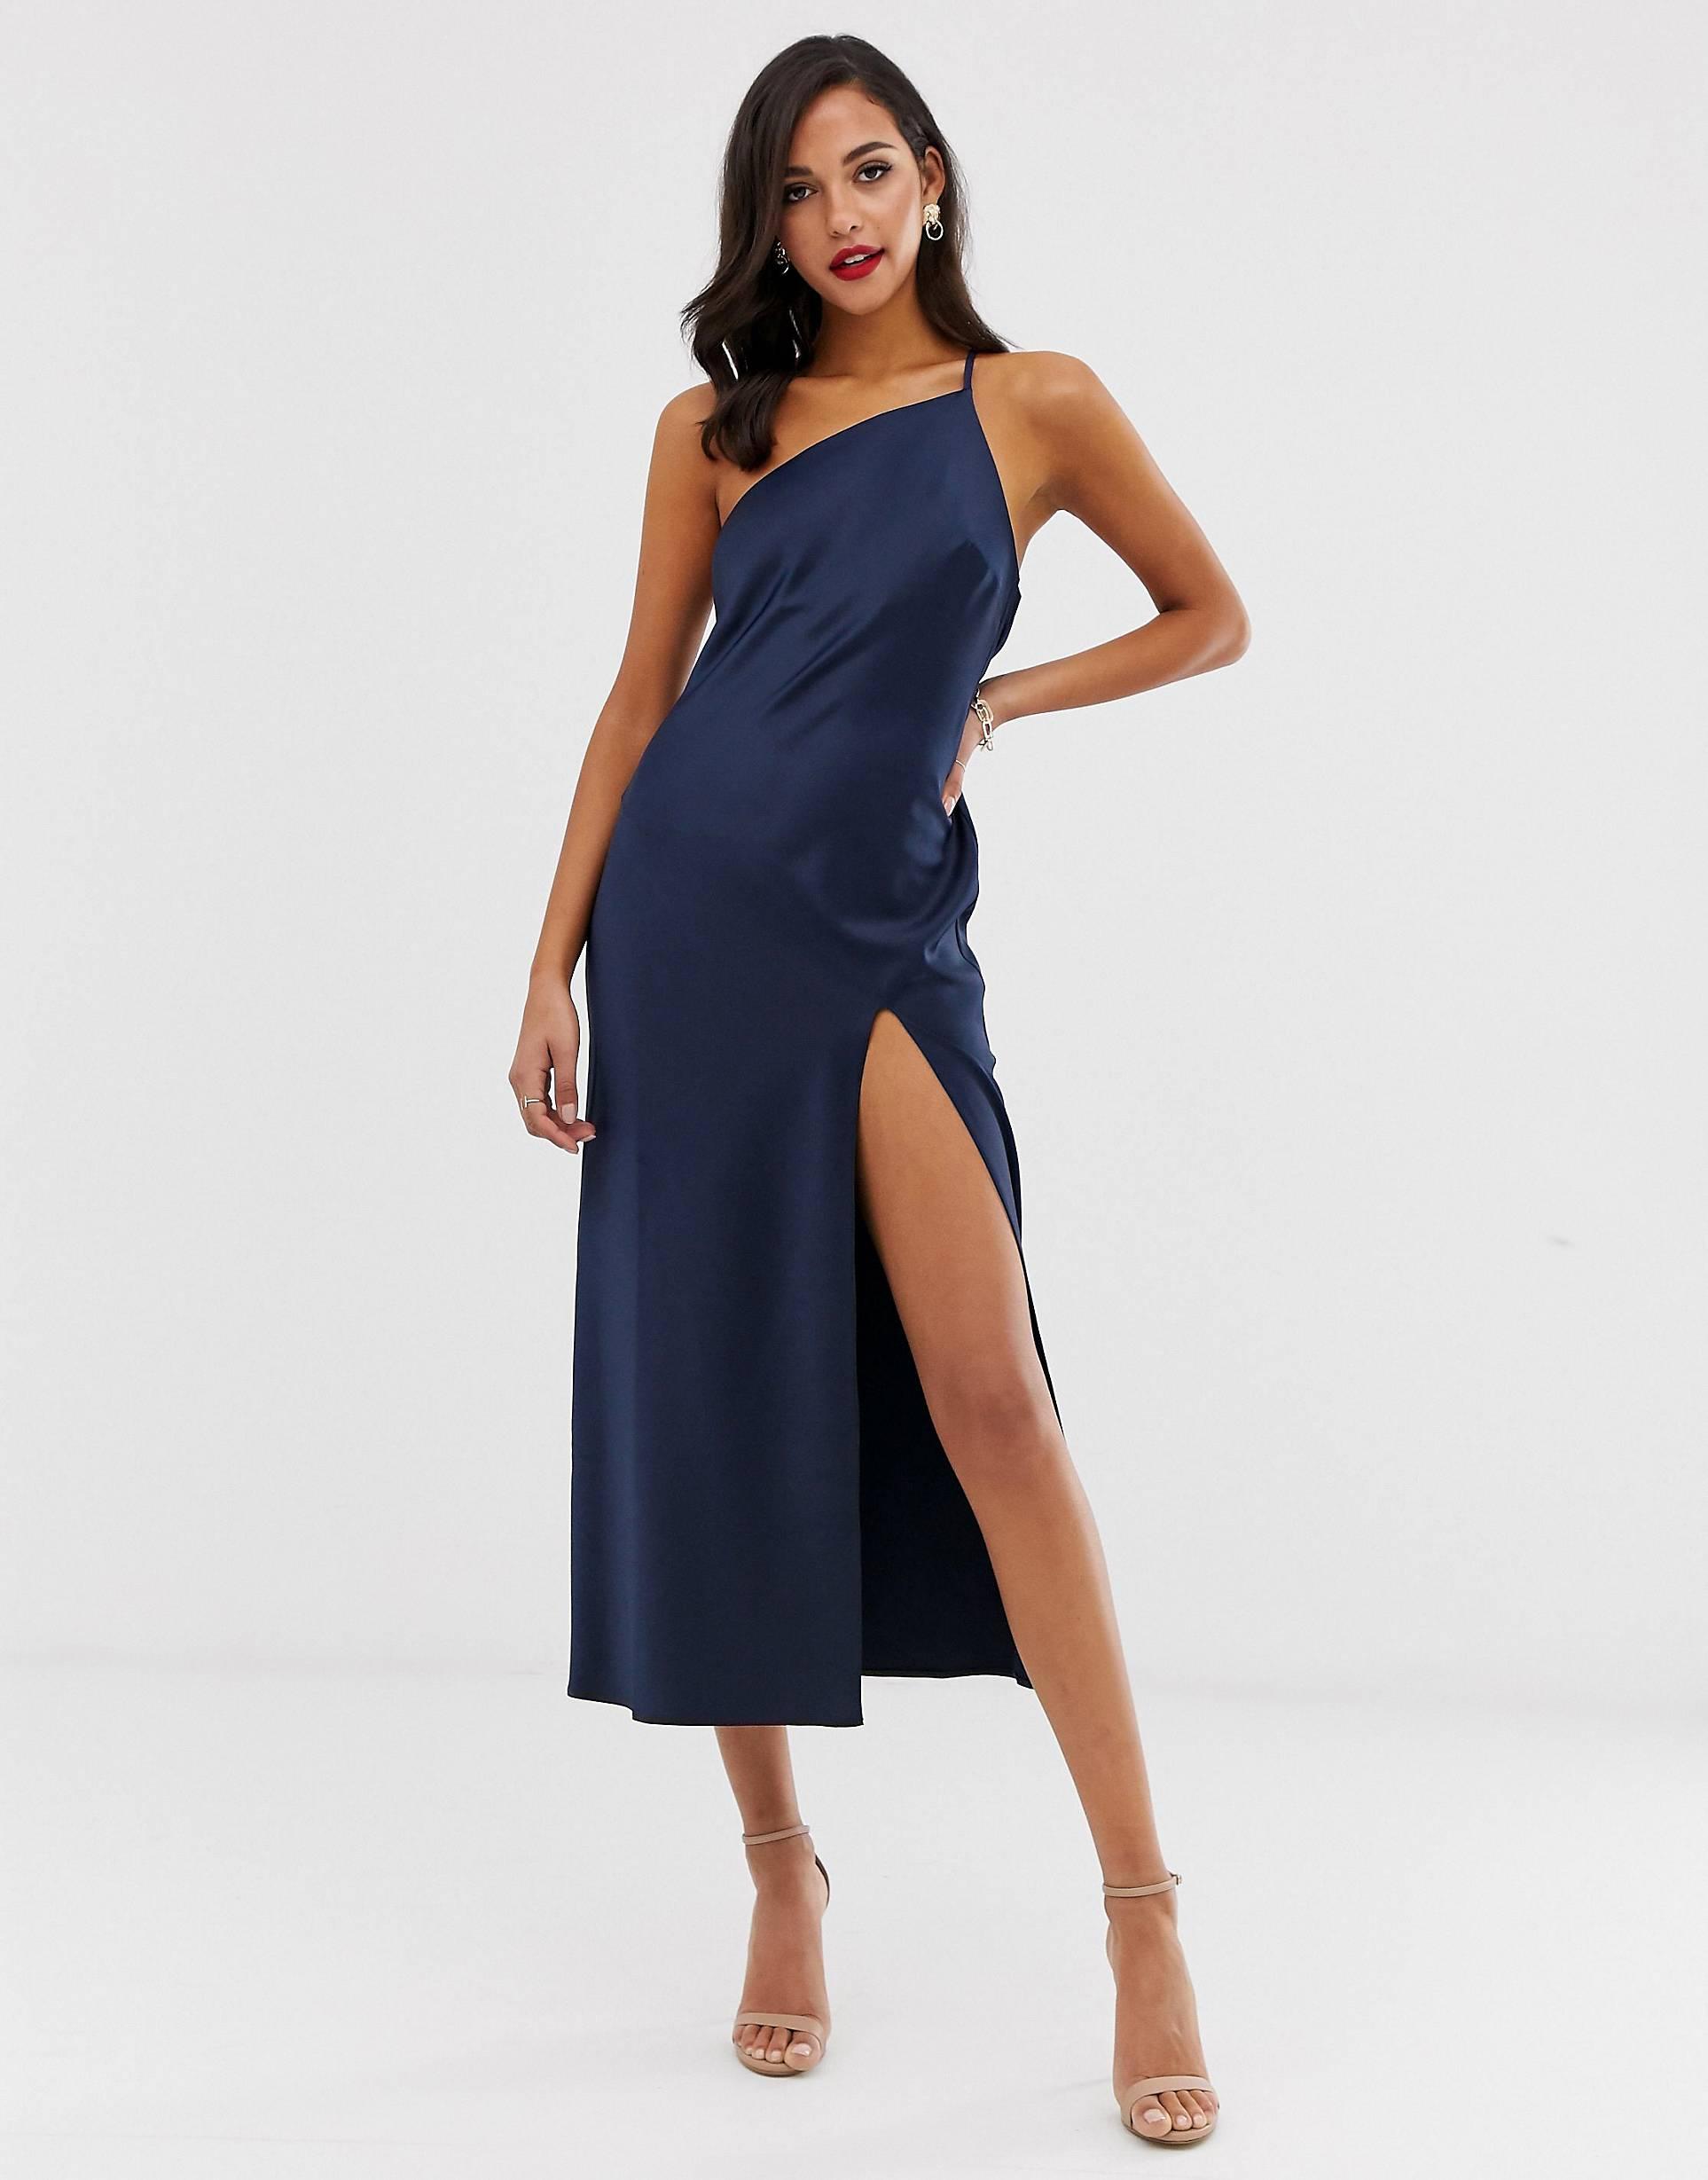 Vestido largo asimétrico de satén con espalda drapeada en azul marino.